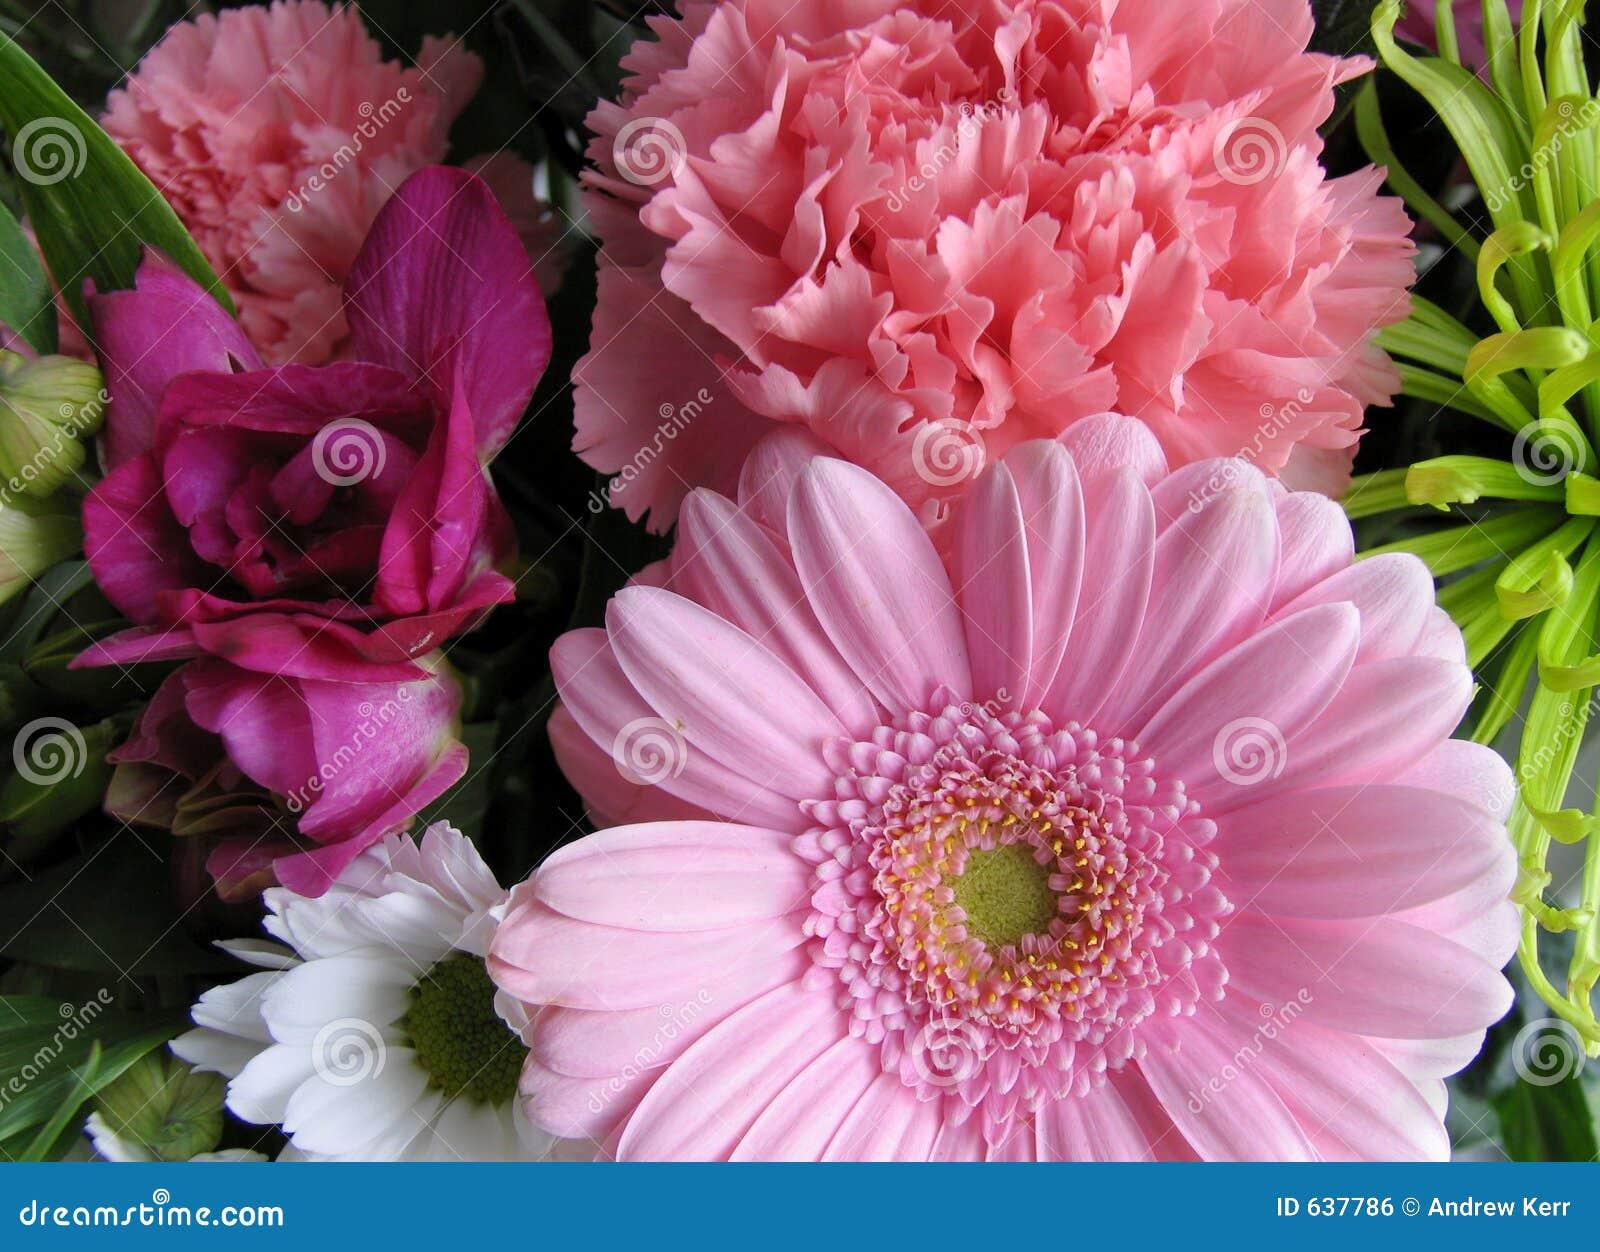 Un mazzo di fiori immagine stock libera da diritti for Costruire un mazzo di portico